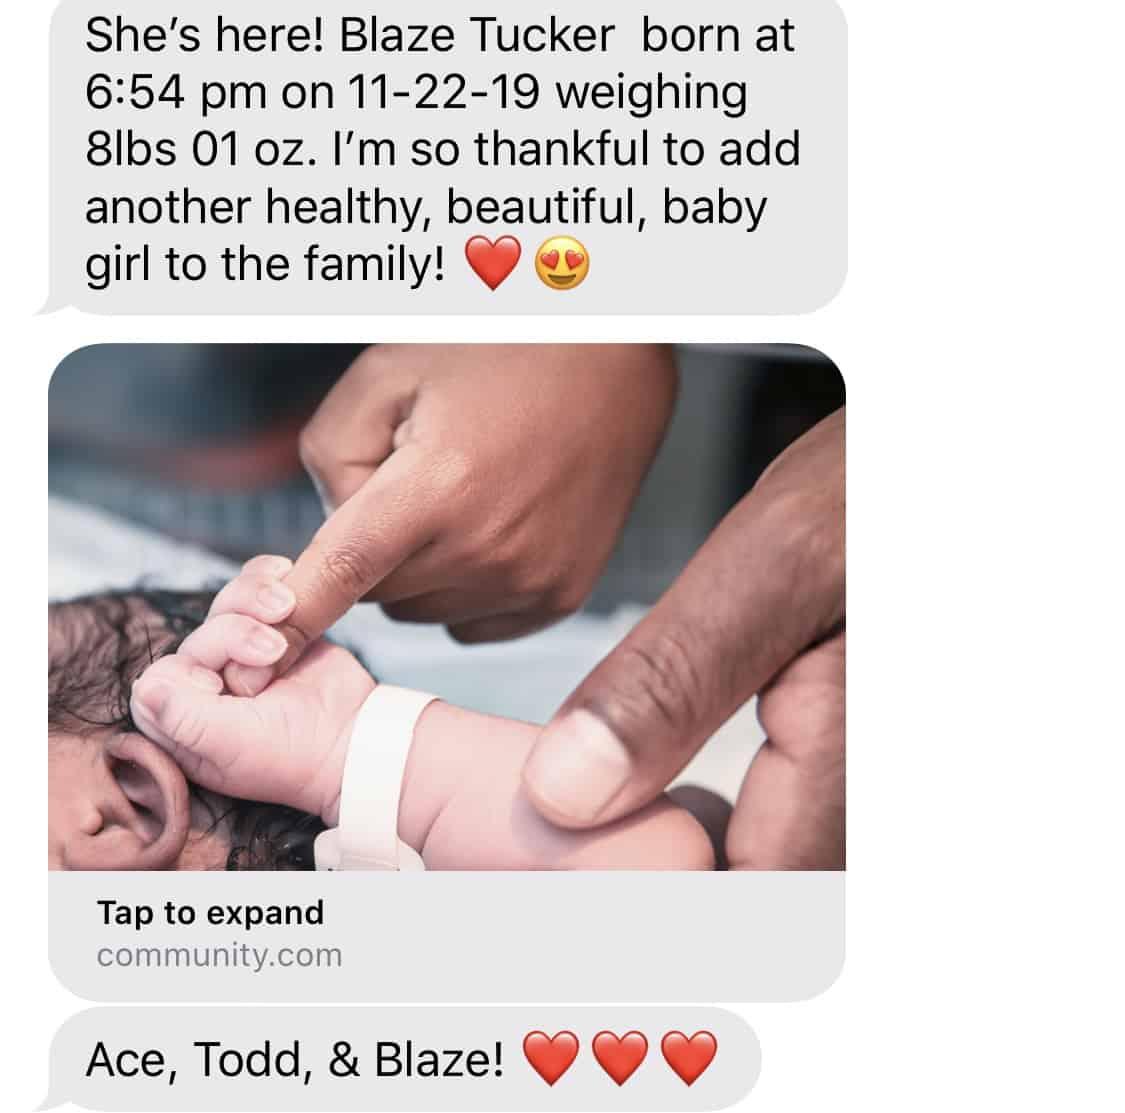 RHOA Kandi Burruss Welcomes Third Child and Shares Photo